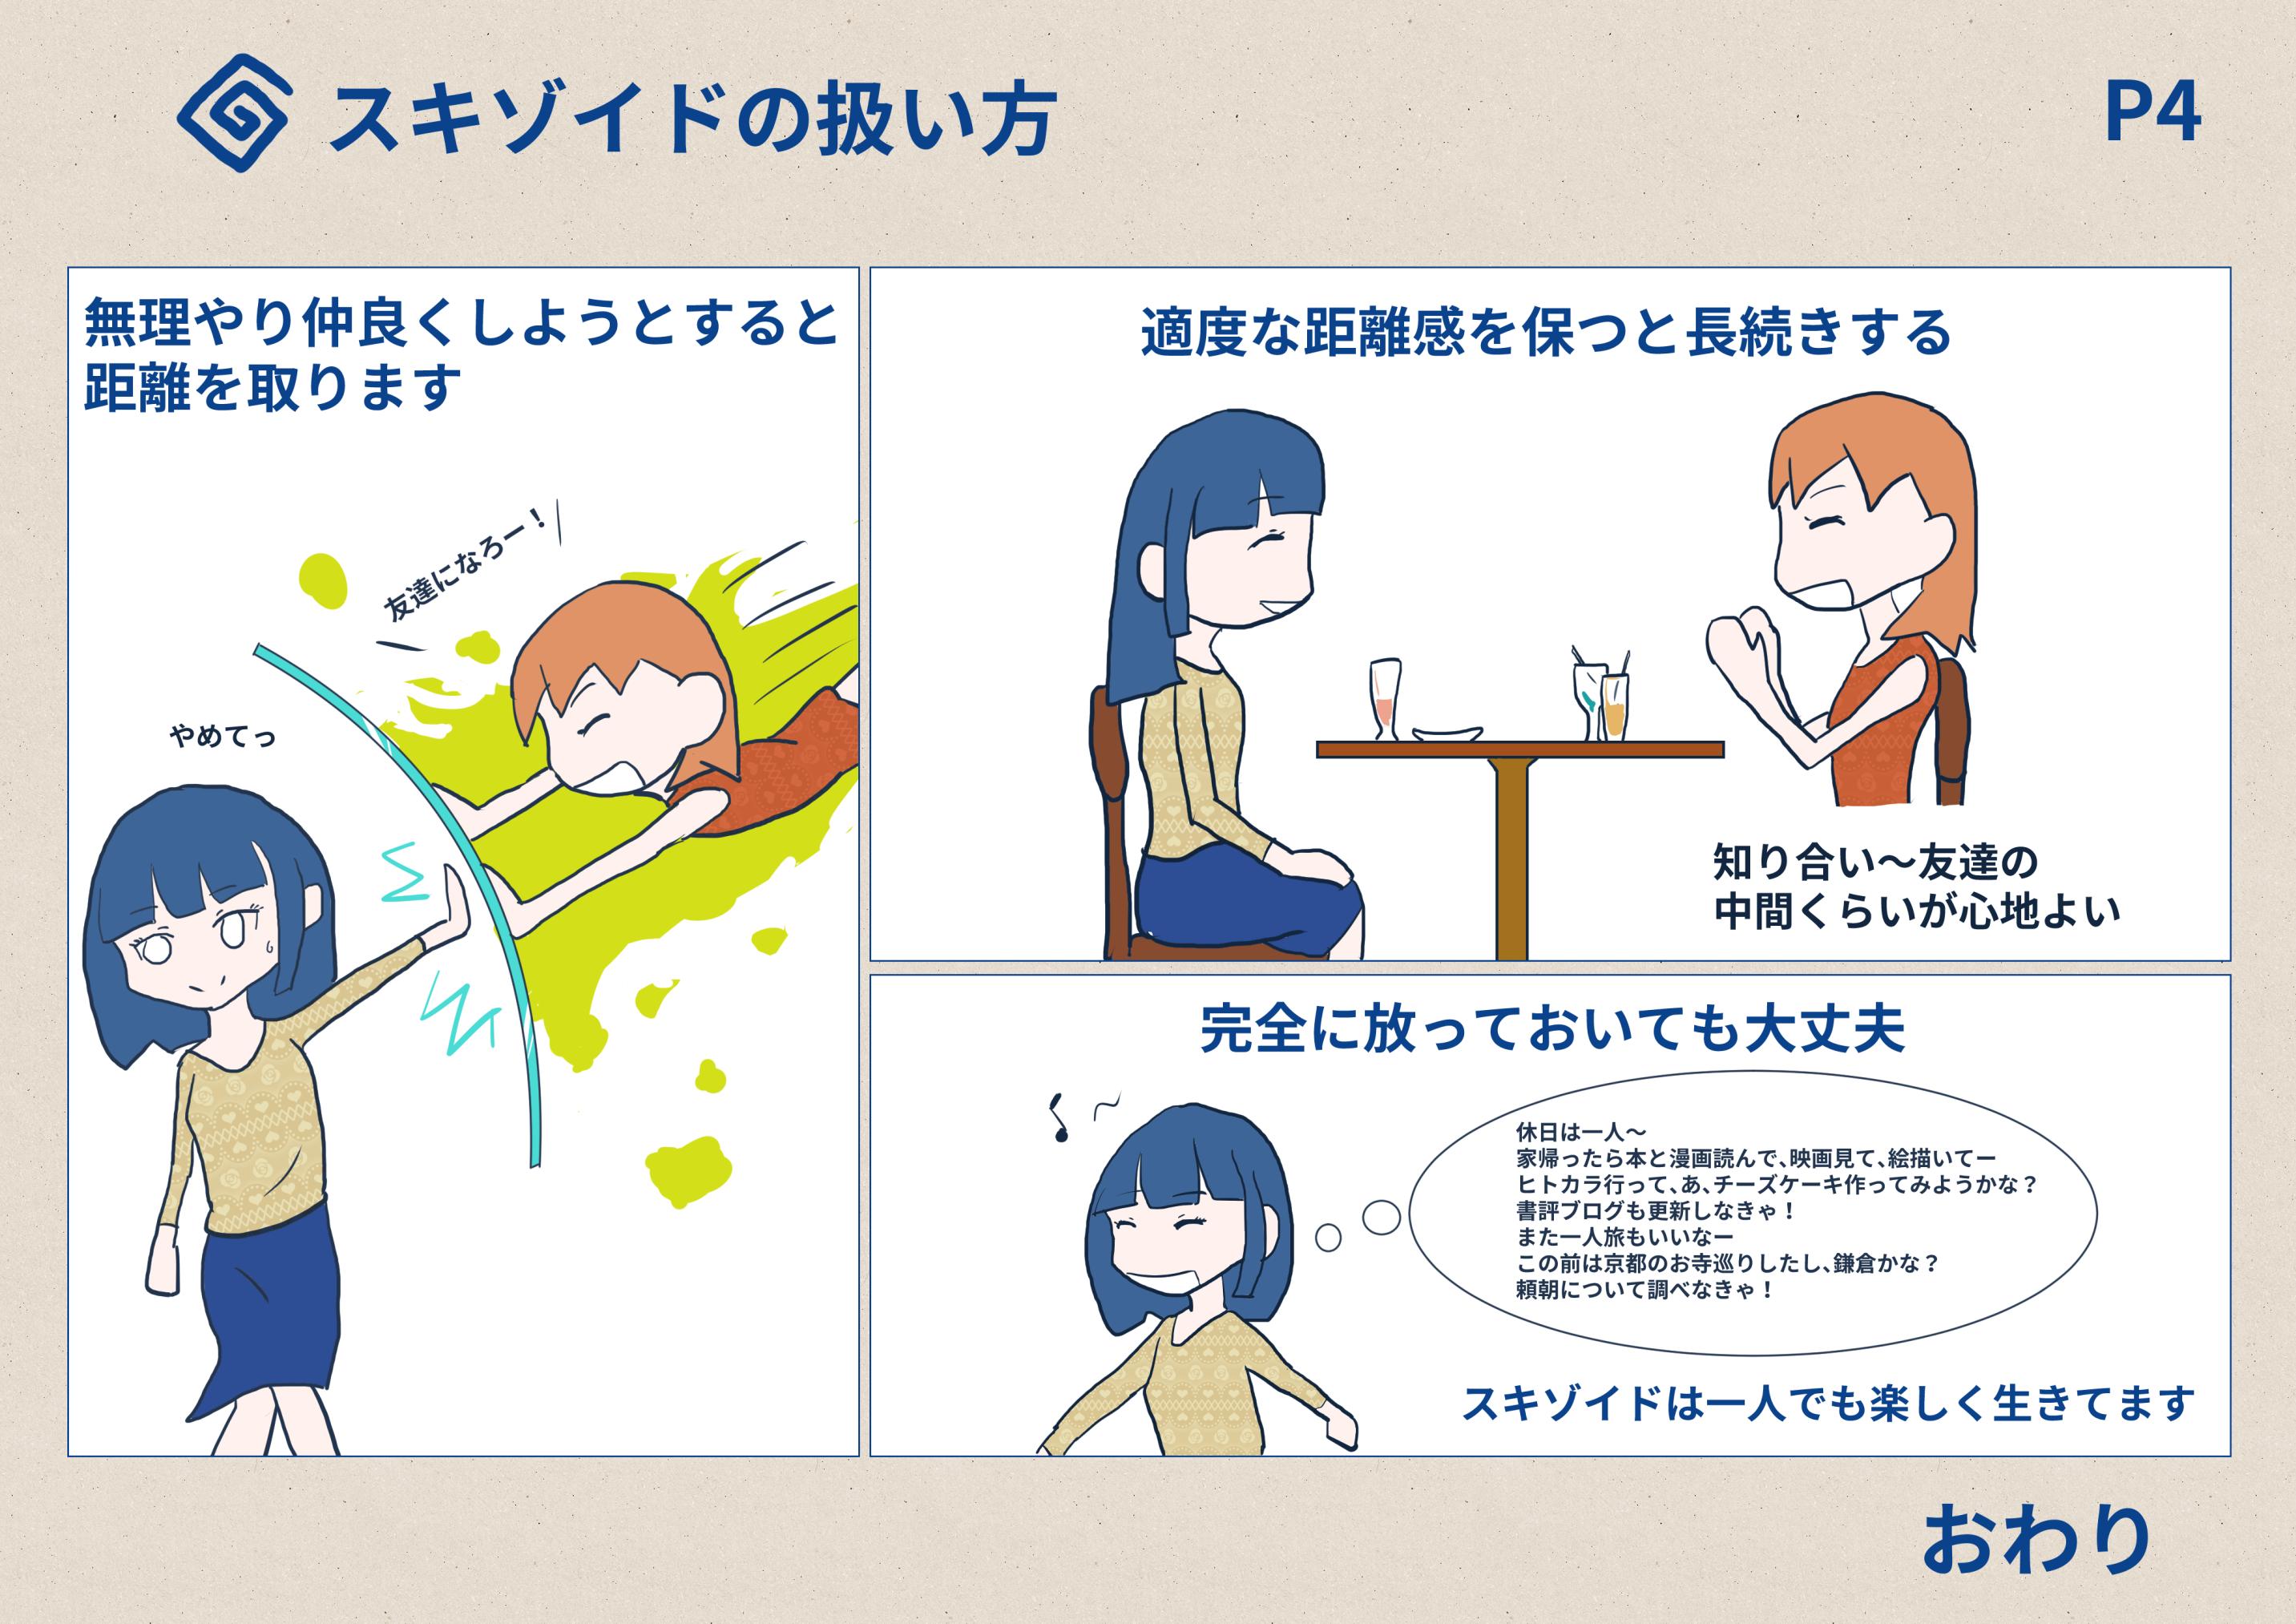 スキゾイドちゃん イラストまとめ | 人間社会の飛行法